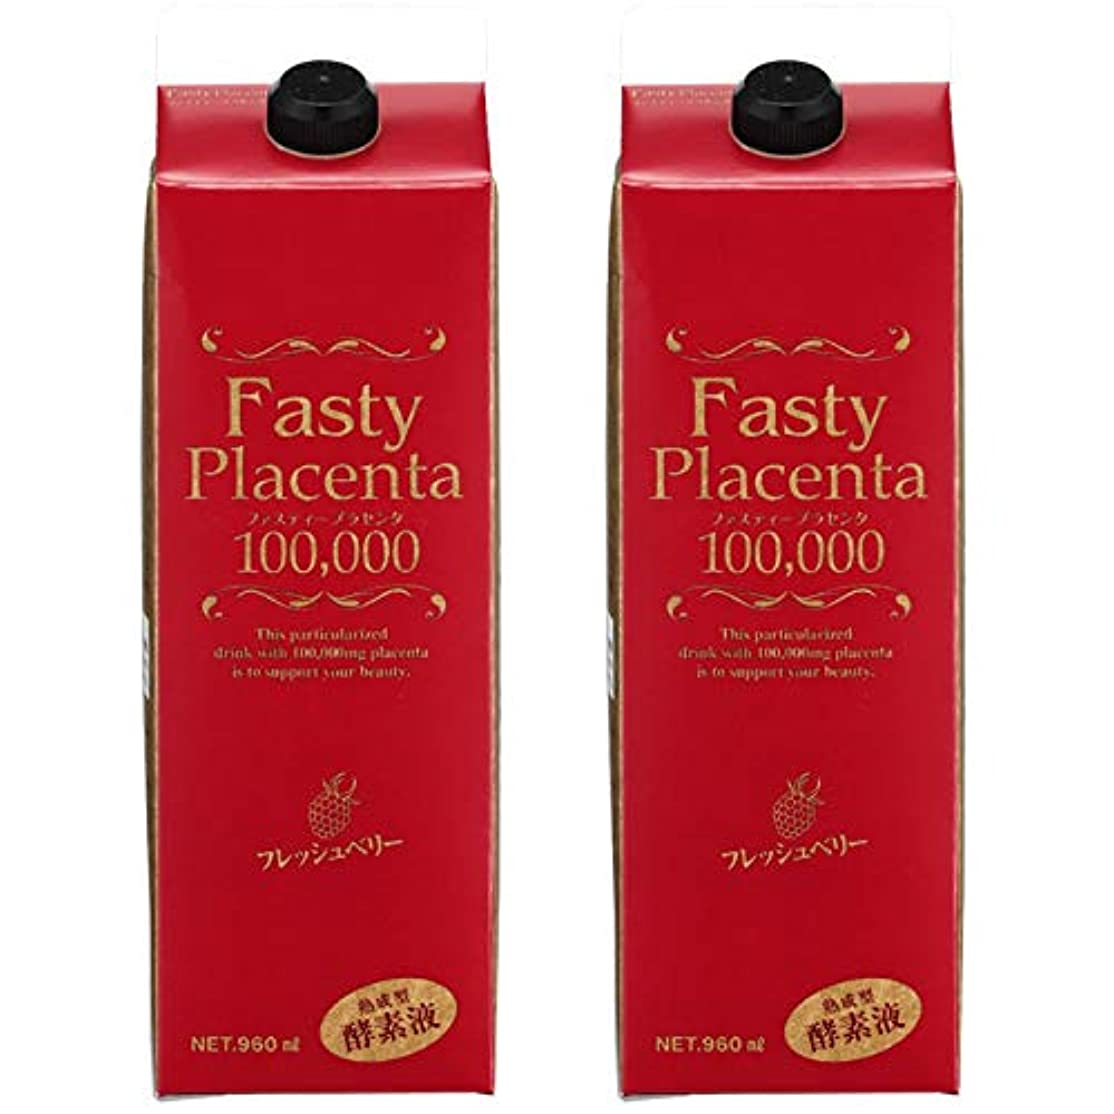 横怖がらせるよろしくファスティープラセンタ100,000 増量パック(フレッシュベリー味)2個